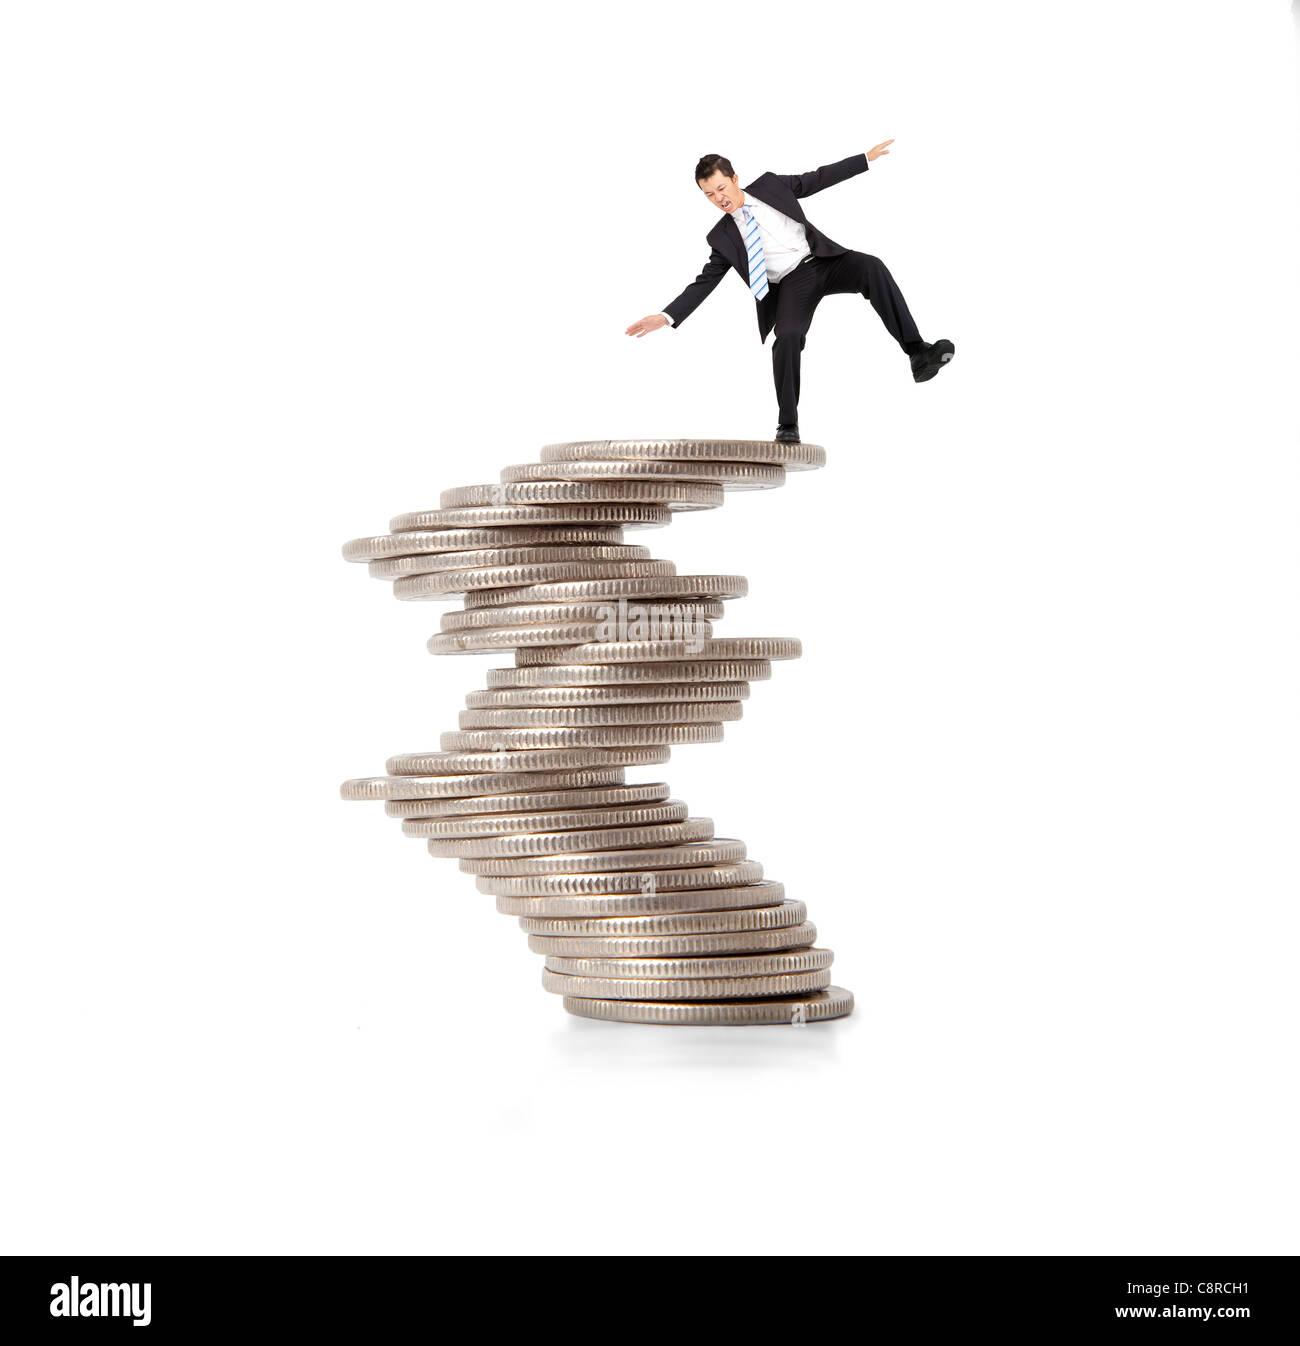 Finanz- und Krisenkonzept. Geschäftsmann, stehen auf den instabilen Münzen Stockbild